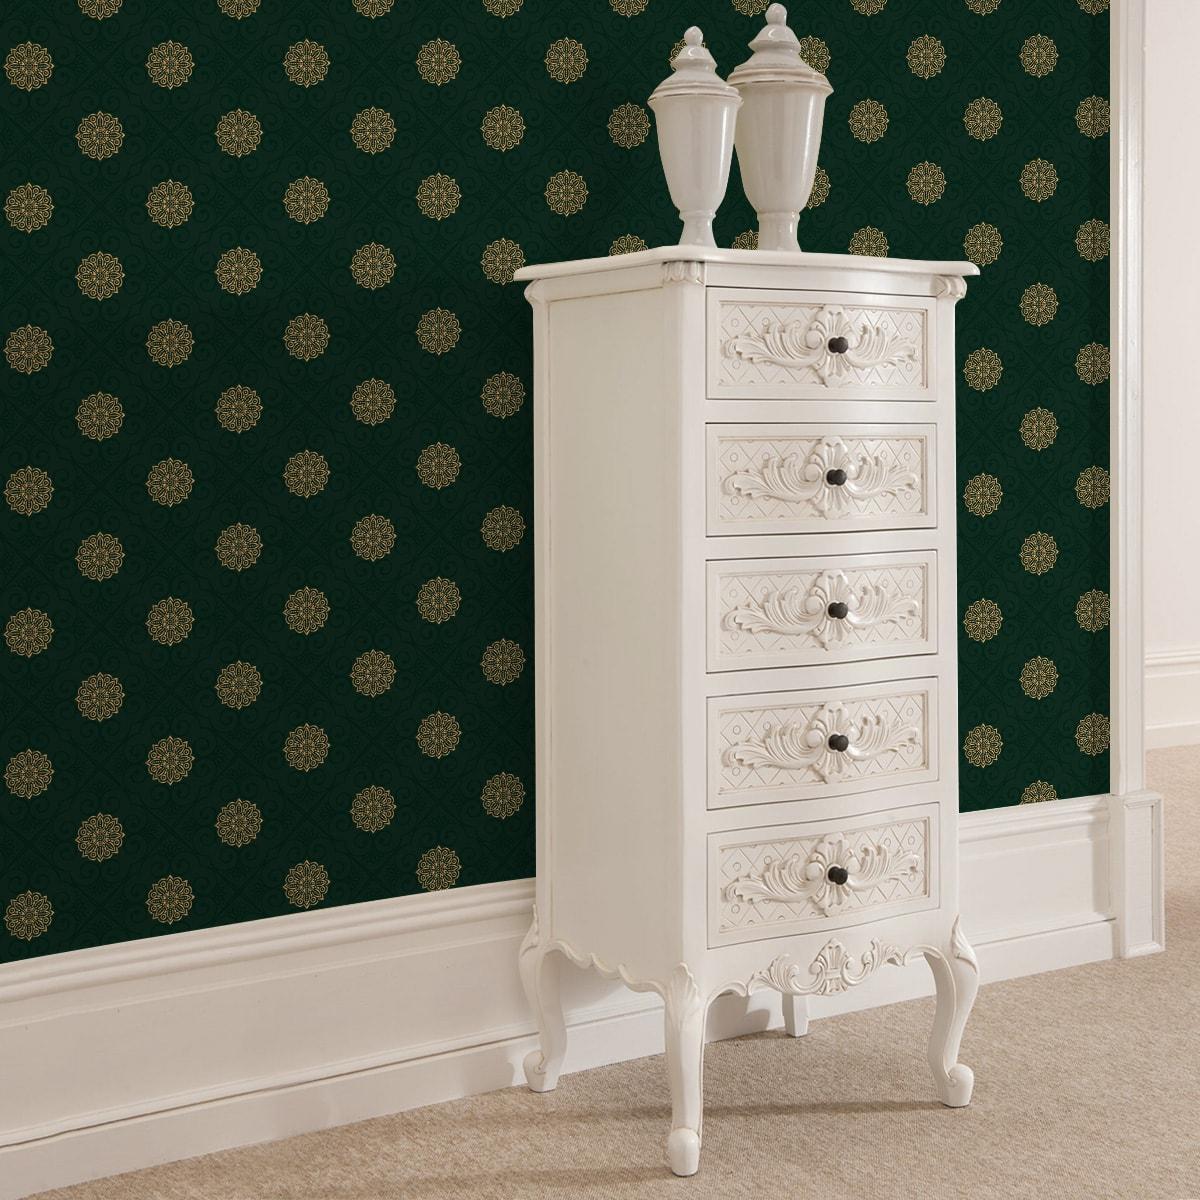 """Tapete für Büroräume grün: Dunkel grüne oriental Tapete """"Mandarin"""", exklusive Vlies Tapete Ornamenttapete für Flur, Büro"""